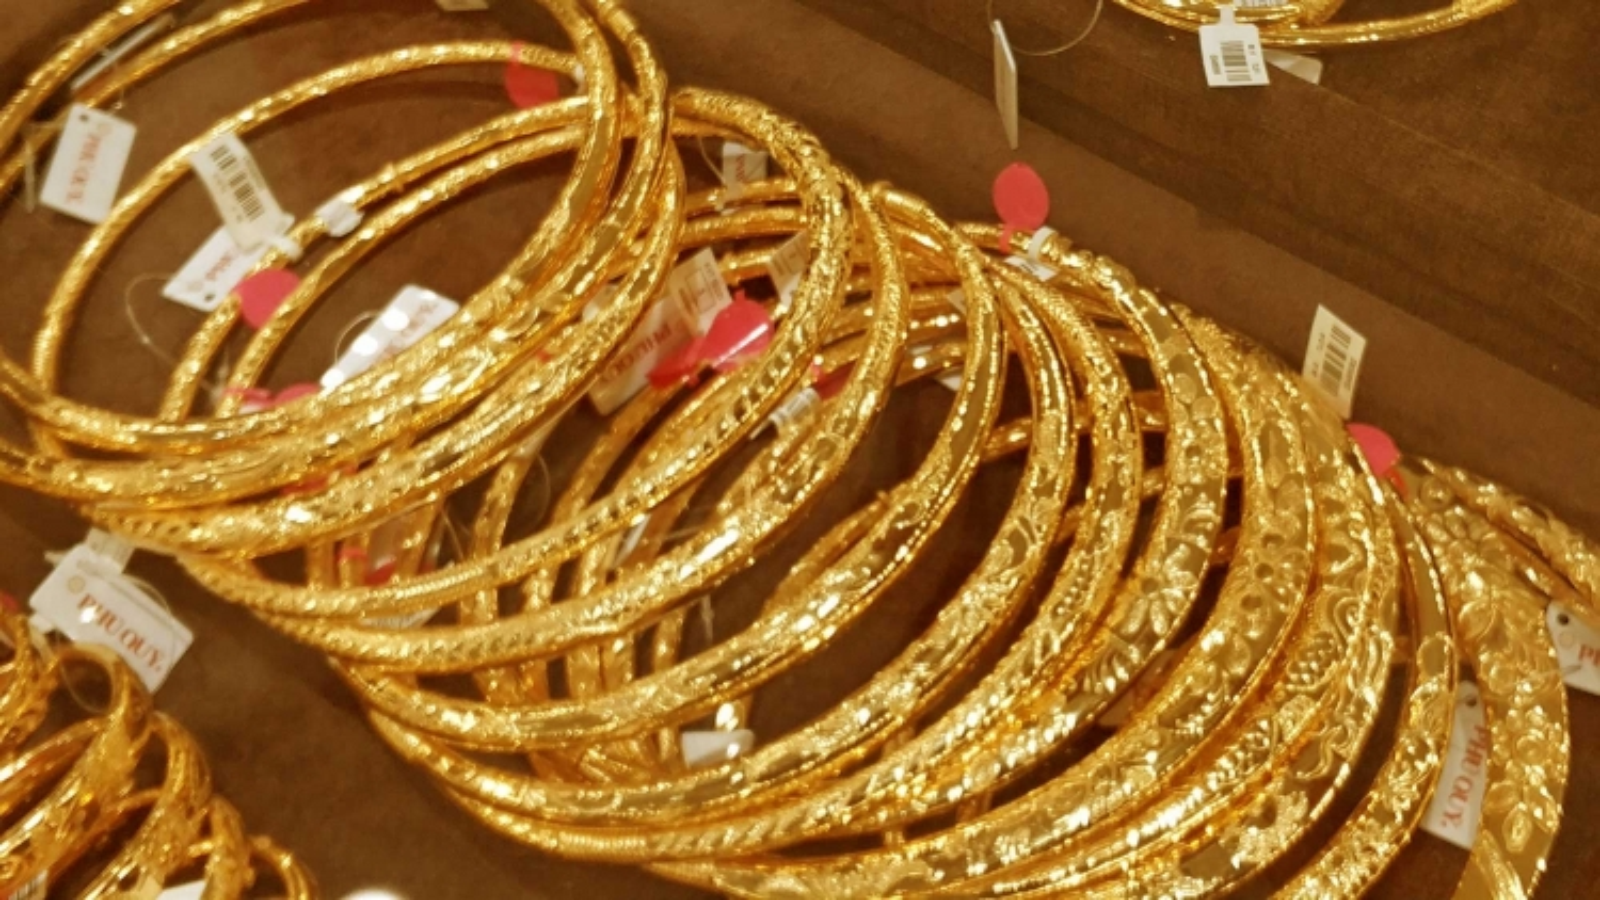 Giá vàng trong nước gần như đứng yên trong khi thế giới giảm nhẹ